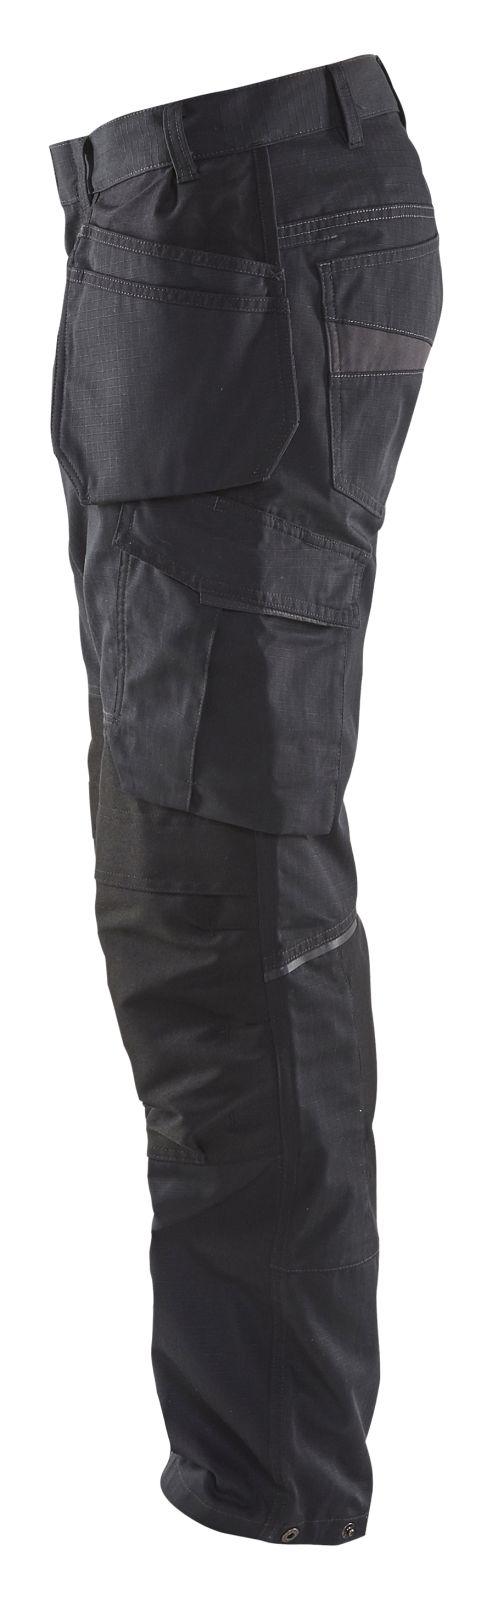 Blaklader Werkbroeken 14961330 met Stretch zwart-grijs(9998)